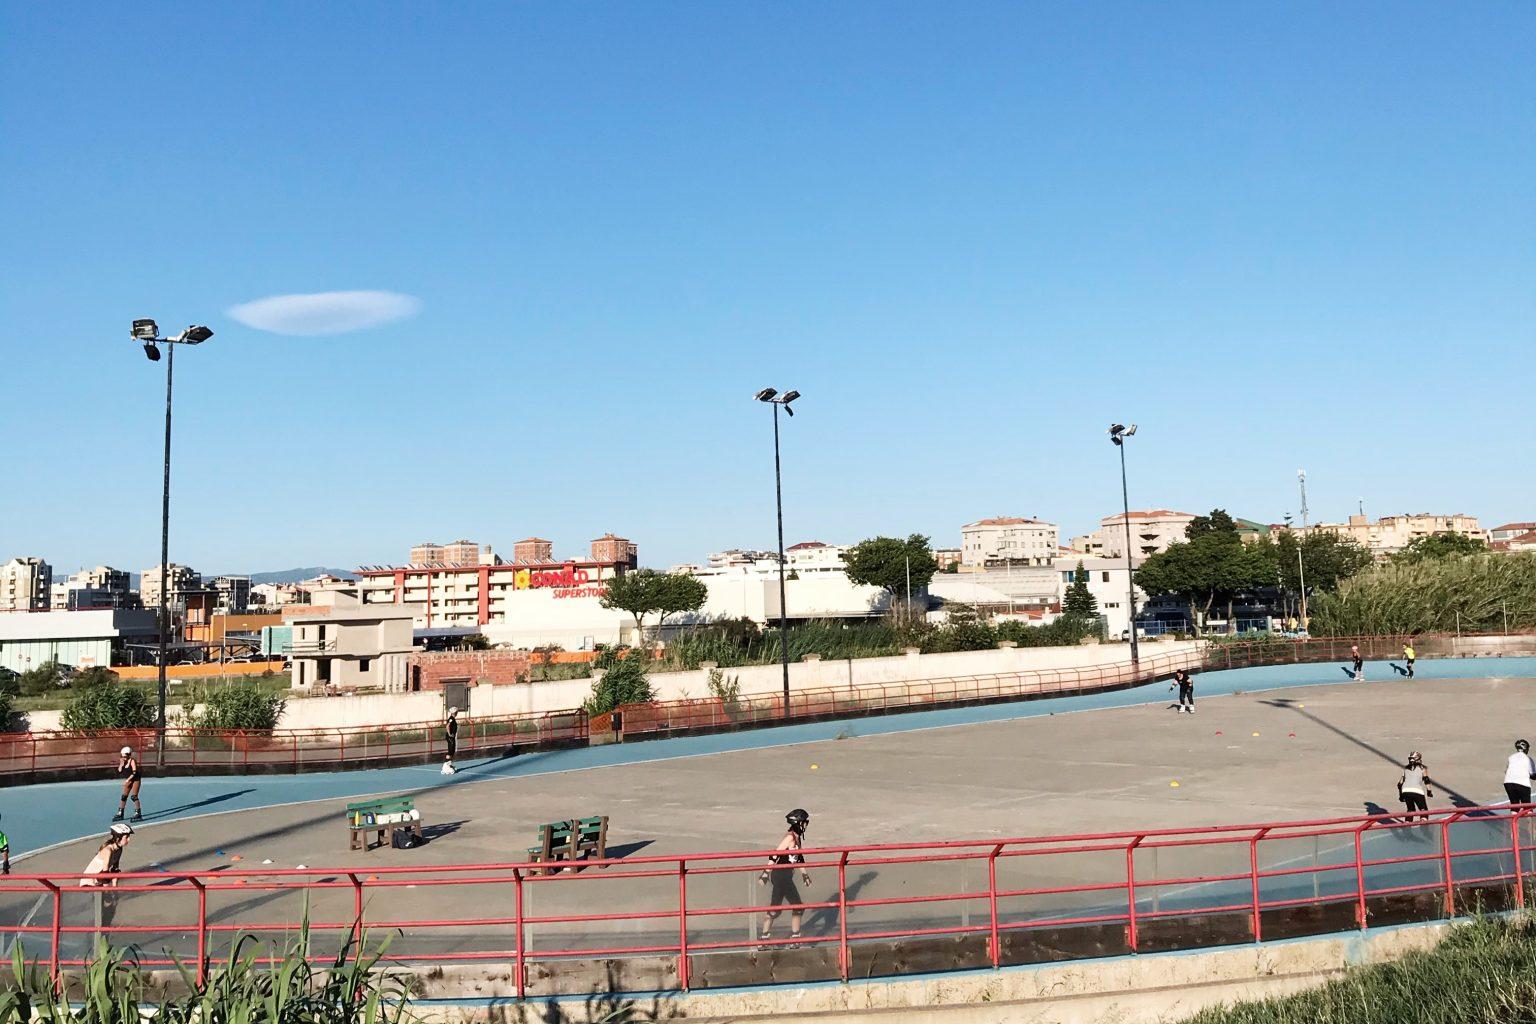 corsi di pattinaggio per adulti orari Monte Claro